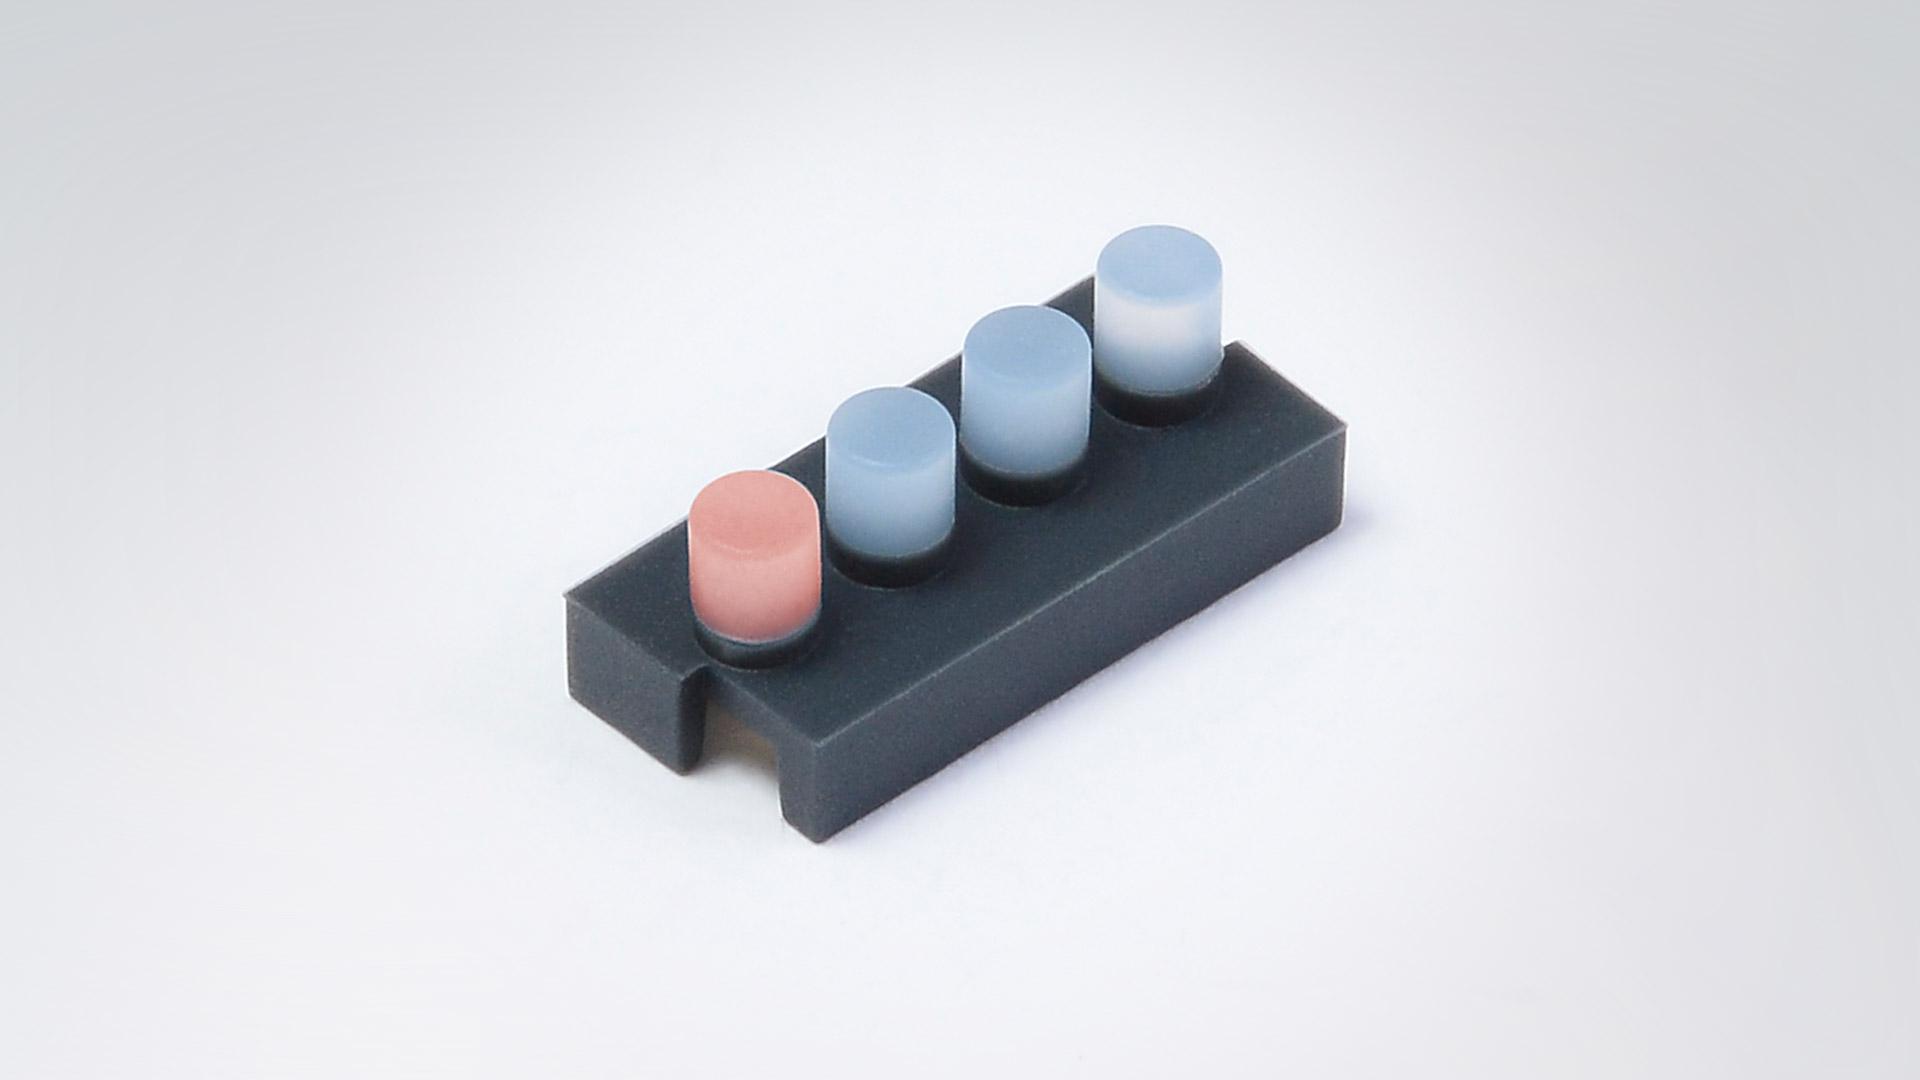 2K-Silikonformteil – Lichtleiter - Beispiel 1